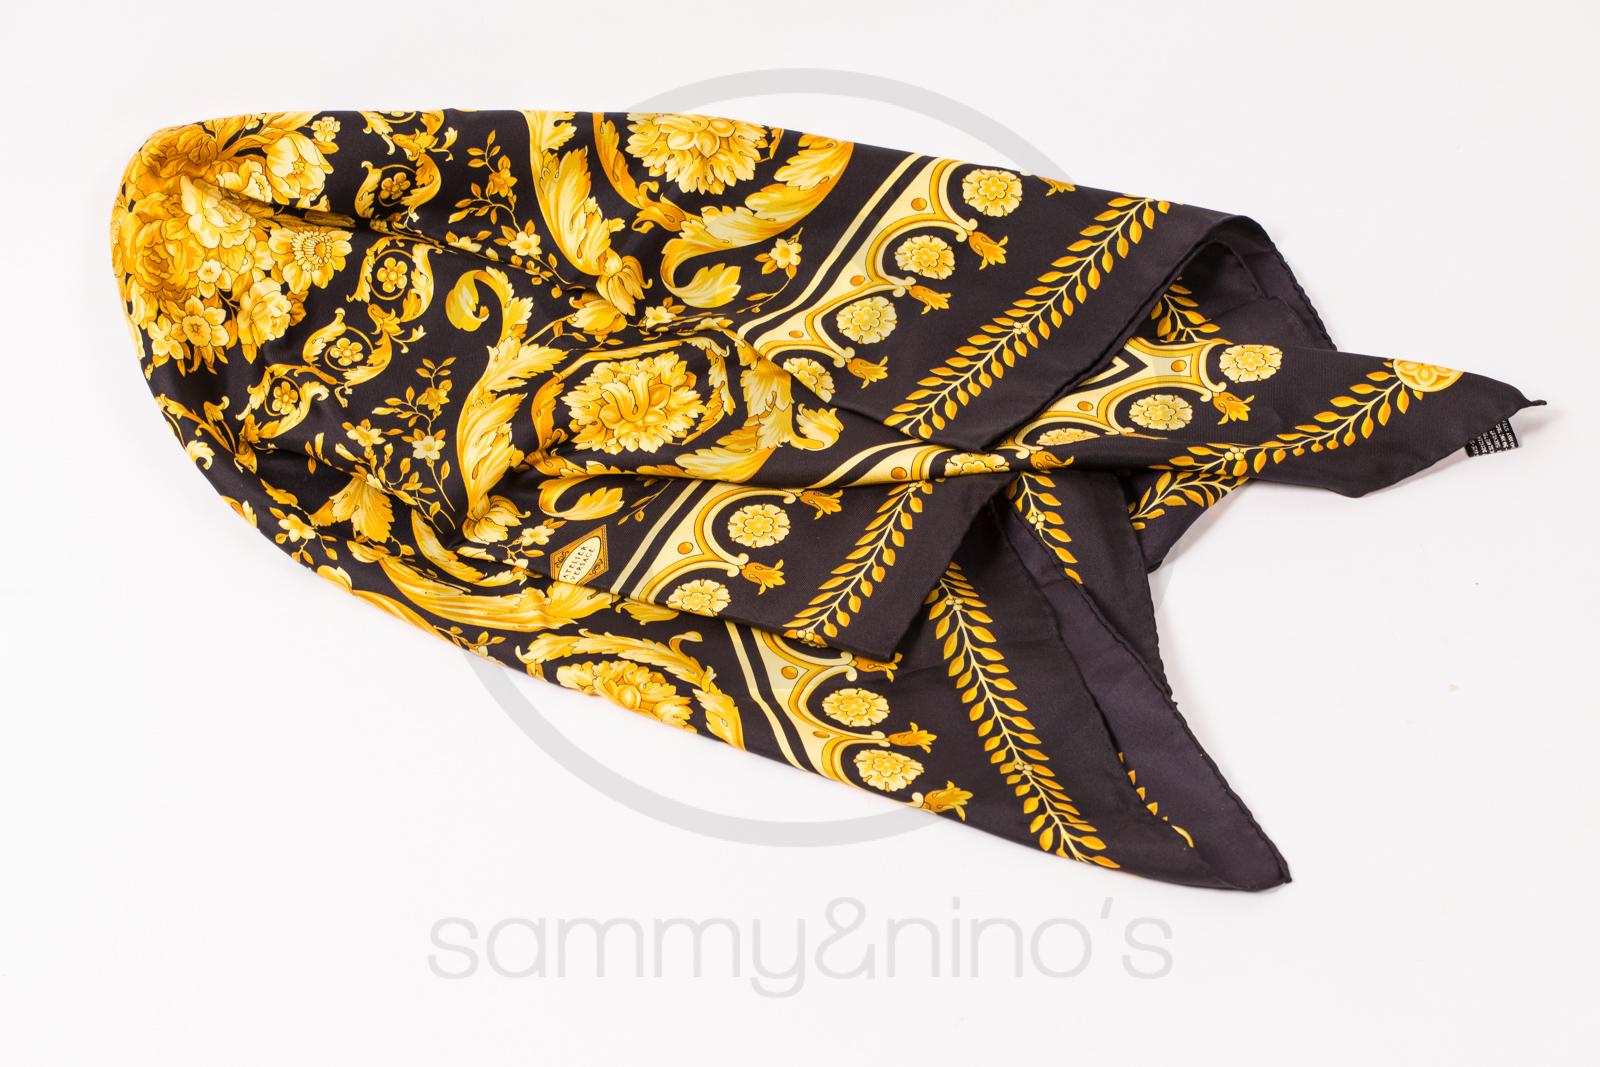 United Luggage Size Gianni Versace Silk Foulard Scarf Sammy Amp Nino S Store